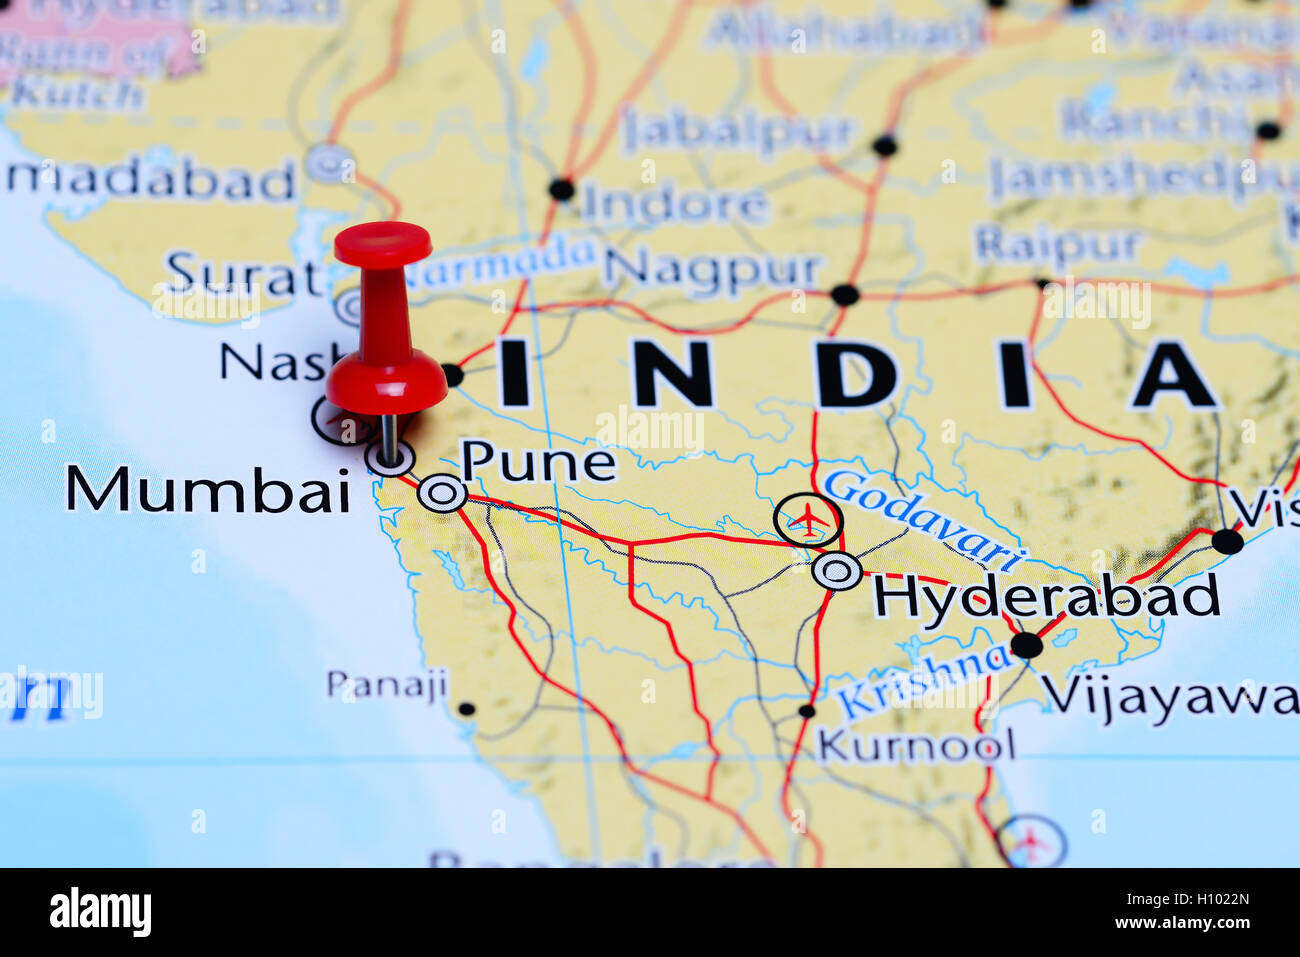 indien karte mumbai Mumbai, fixiert auf einer Karte von Indien Stockfotografie   Alamy